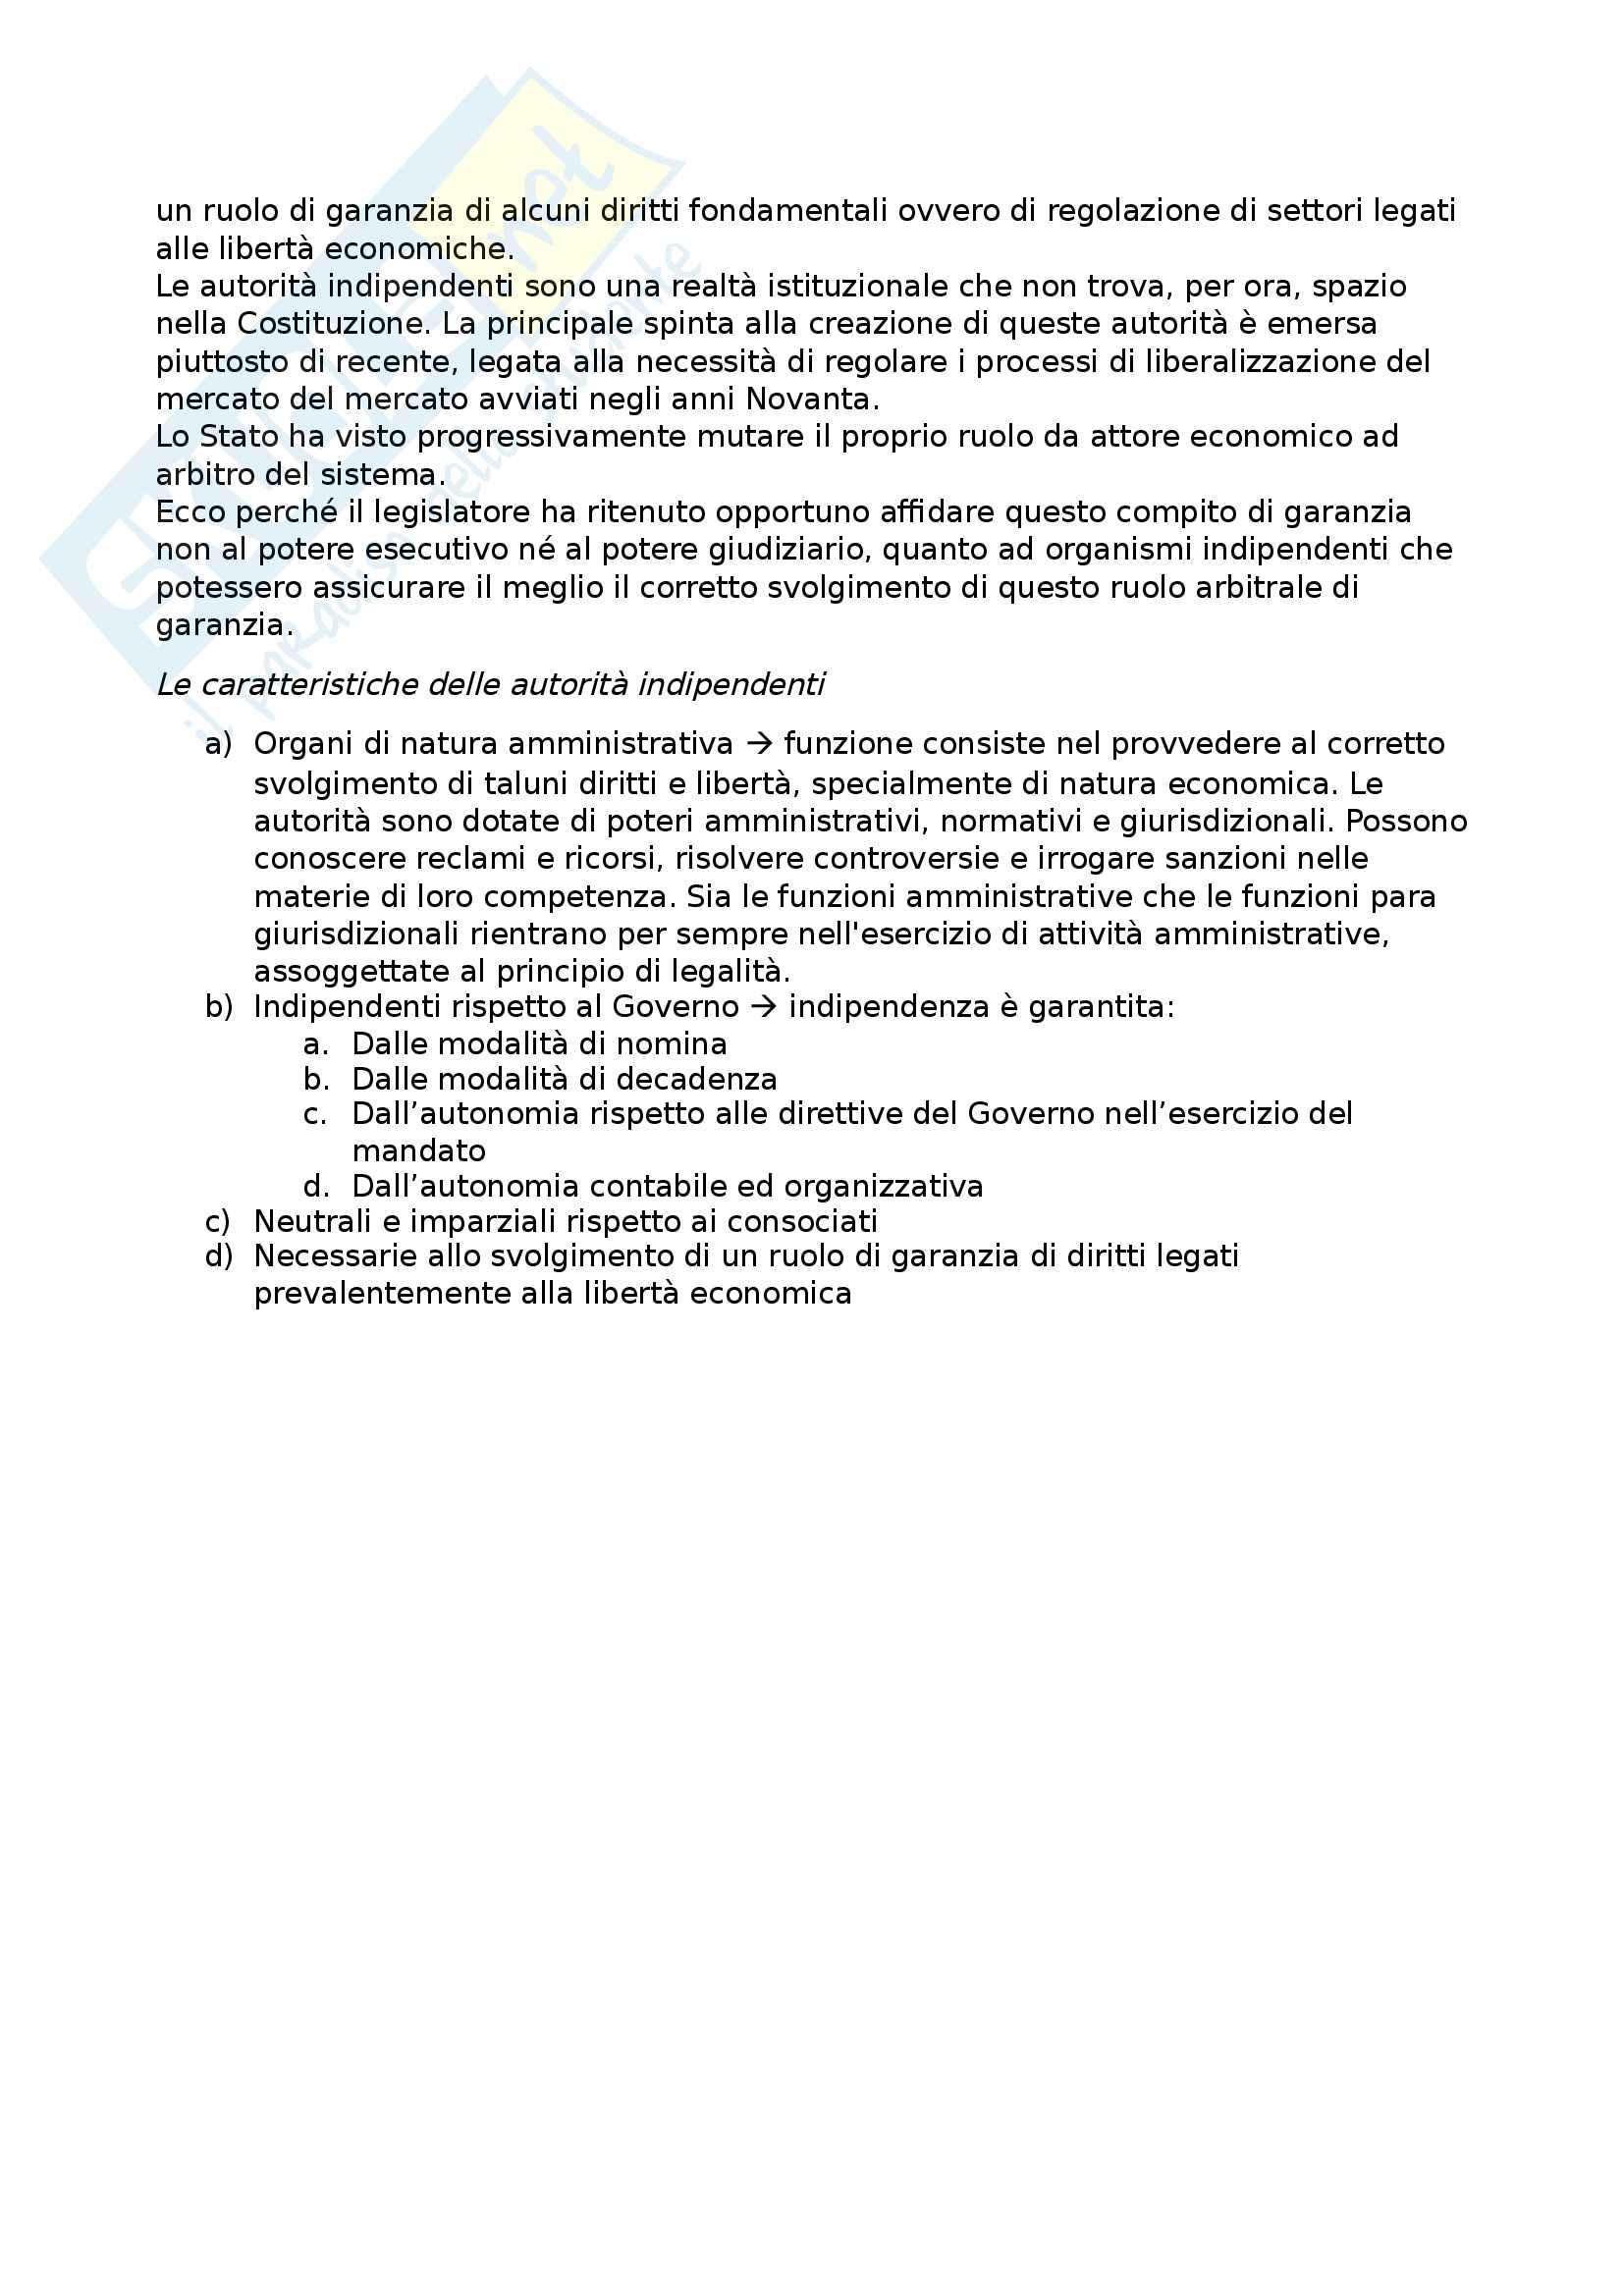 Riassunto esame Diritto pubblico, prof. Simonati_Anna, libro consigliato: Introduzione allo studio del diritto pubblico e delle sue fonti, Simoncini Pag. 51